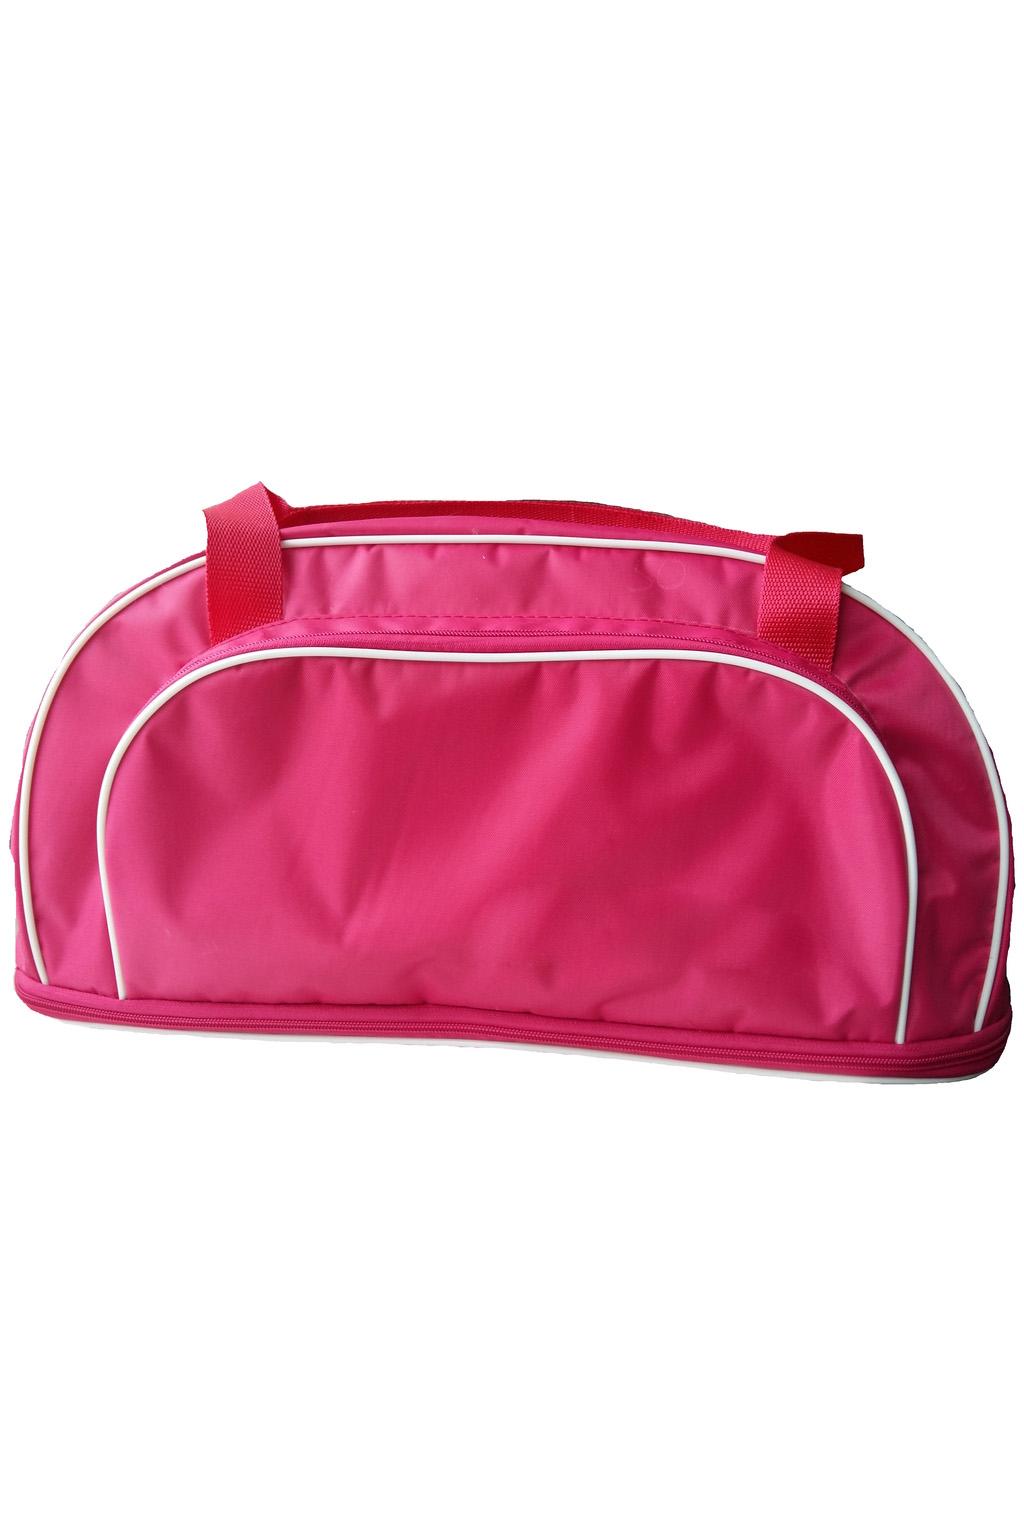 Дорожная сумкаДорожные<br>Удобная и вместительная дорожная сумка.  Размер: 47*22*21 см. Сумка с раздвижным дном+13см  Цвет: розовый<br><br>По материалу: Тканевые<br>По размеру: Средние<br>По рисунку: Однотонные<br>По силуэту стенок: Трапециевидные<br>По степени жесткости: Мягкие<br>Ручки: Короткие<br>По сезону: Всесезон<br>Размер : UNI<br>Материал: Полиэстер<br>Количество в наличии: 3